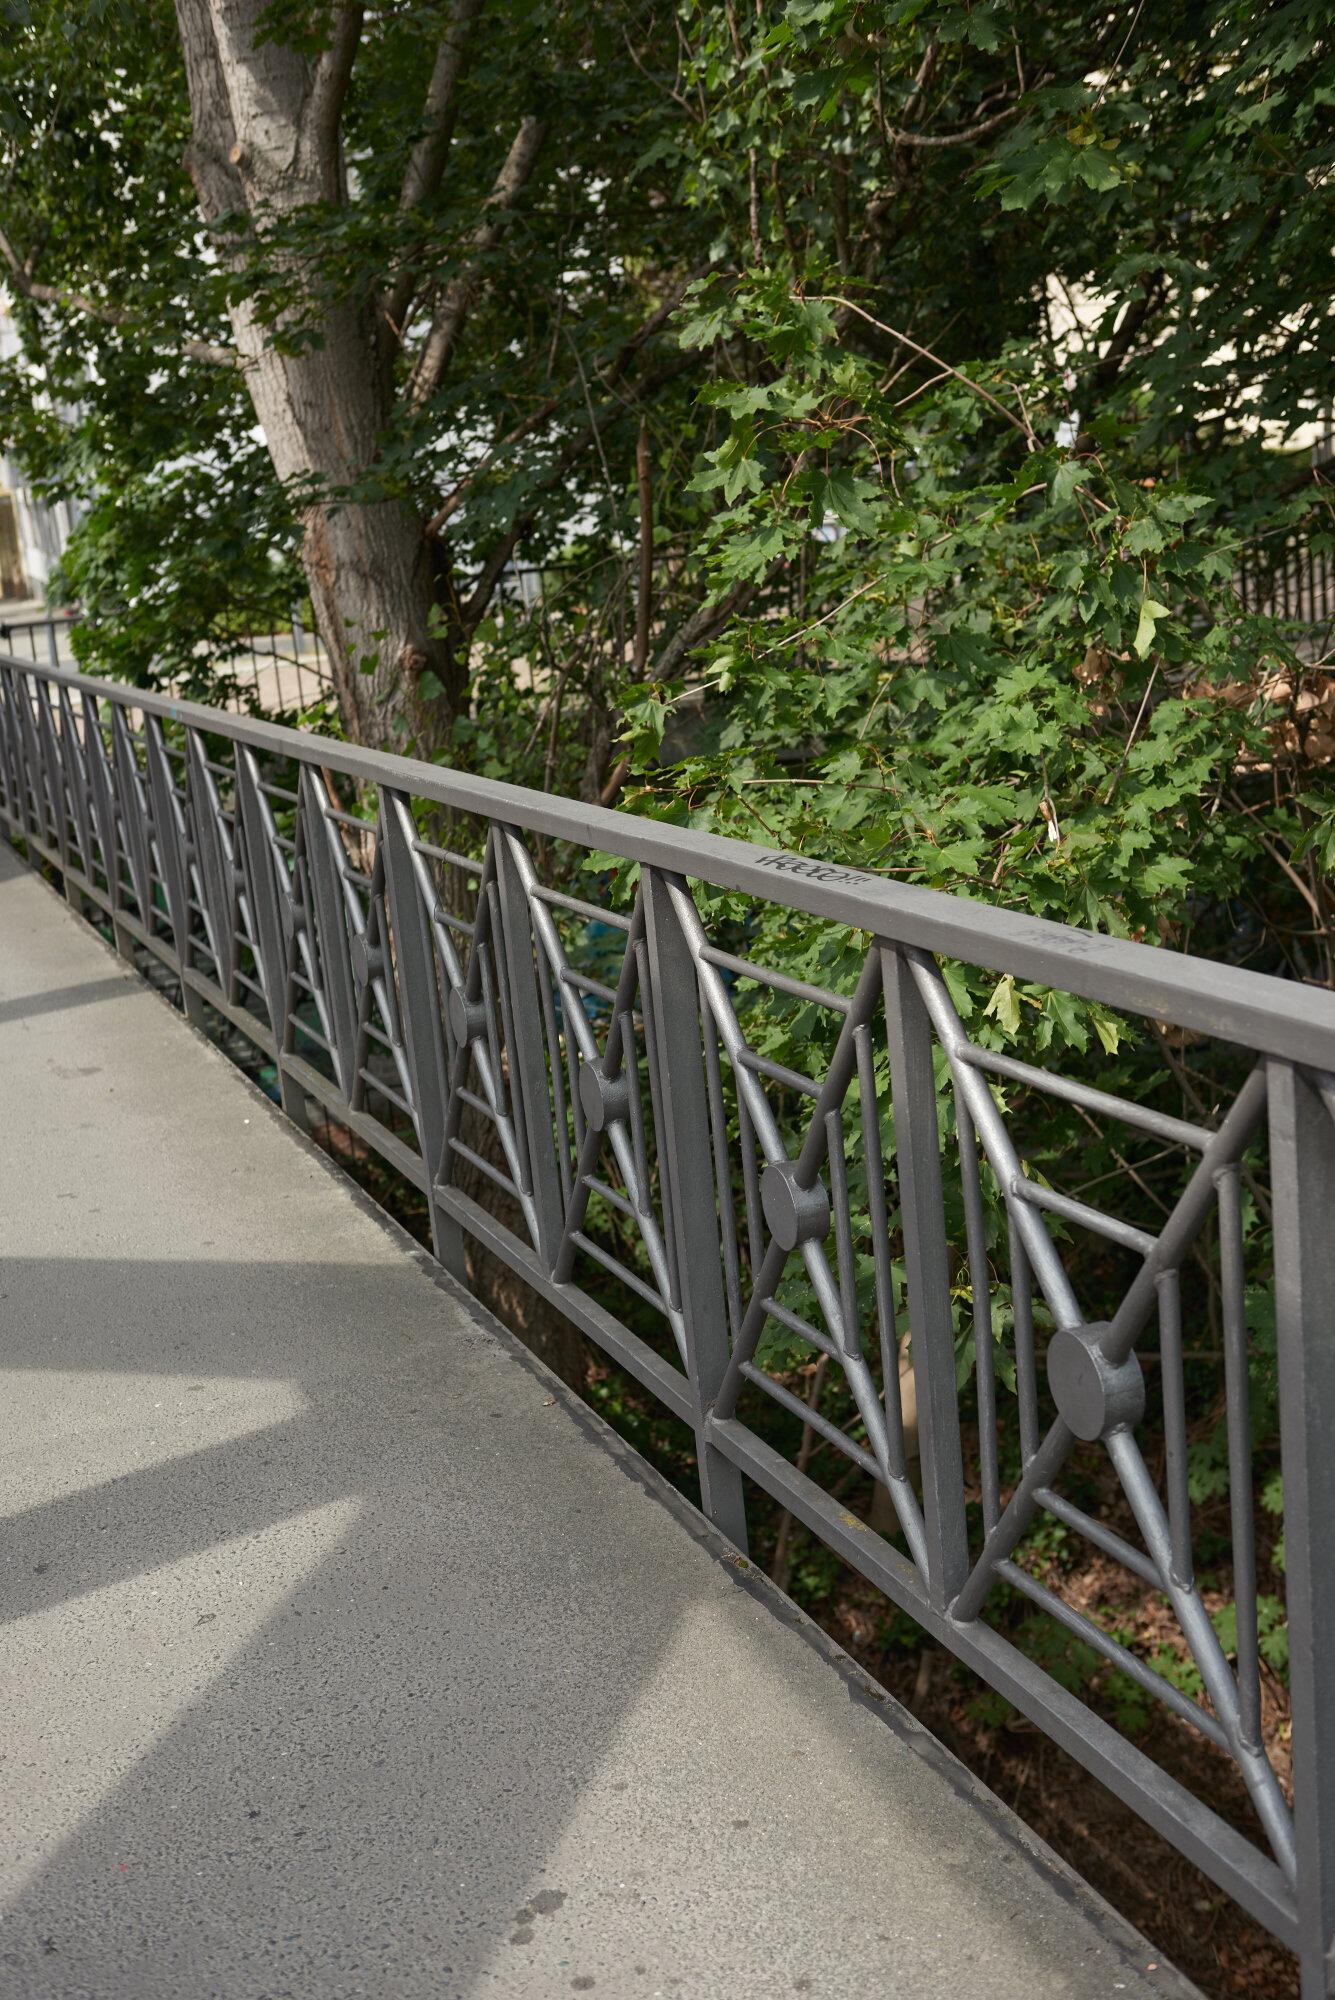 A bridge_532.jpg